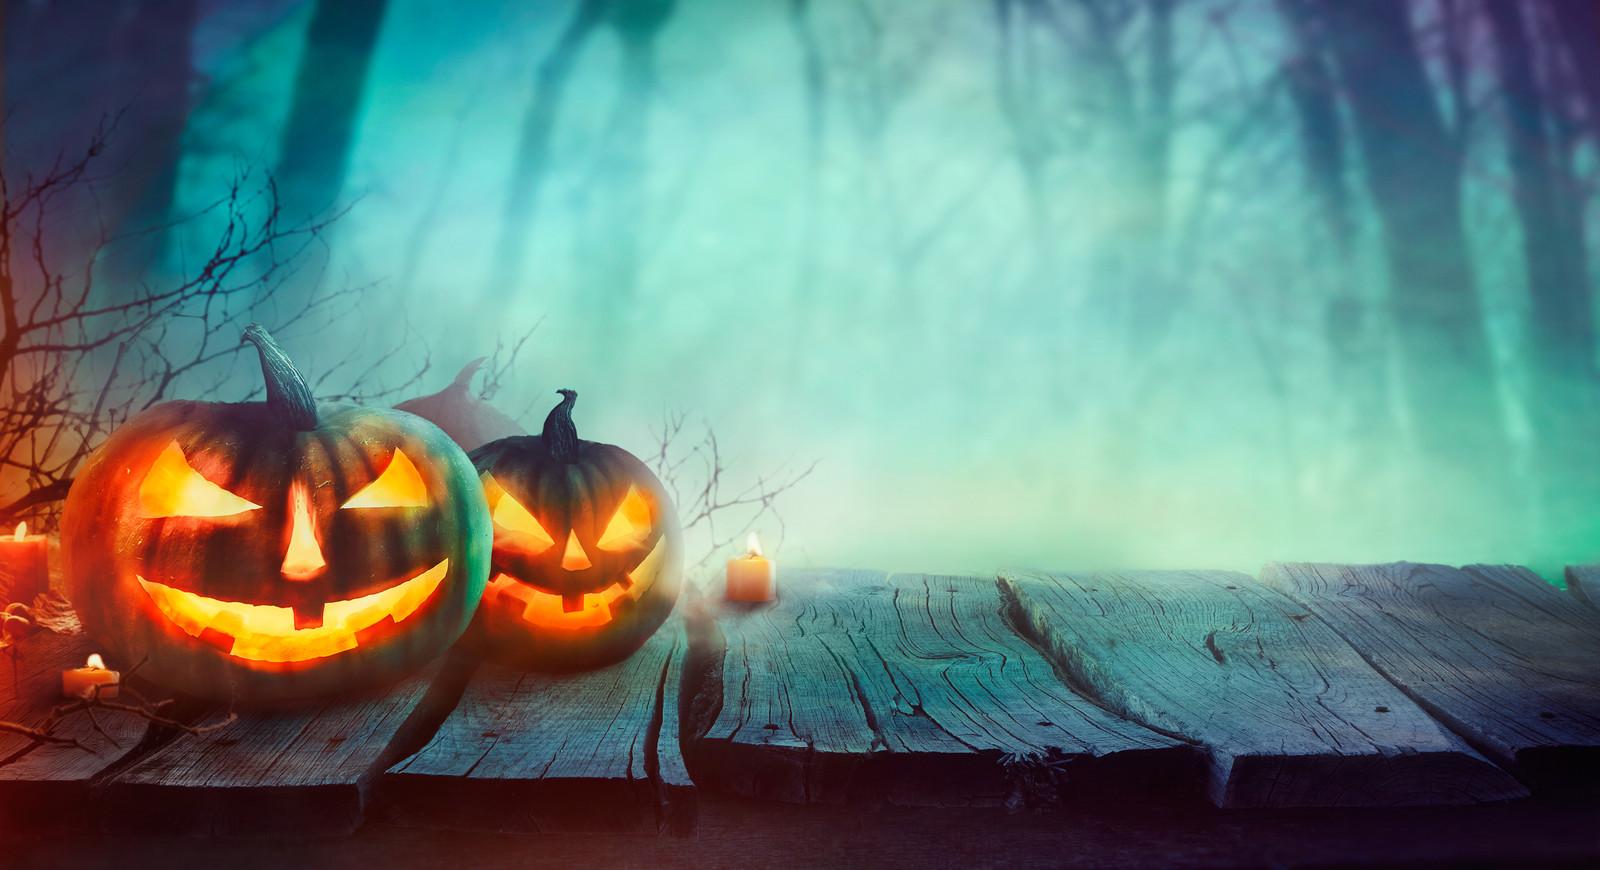 Hallowe'en scene business fears